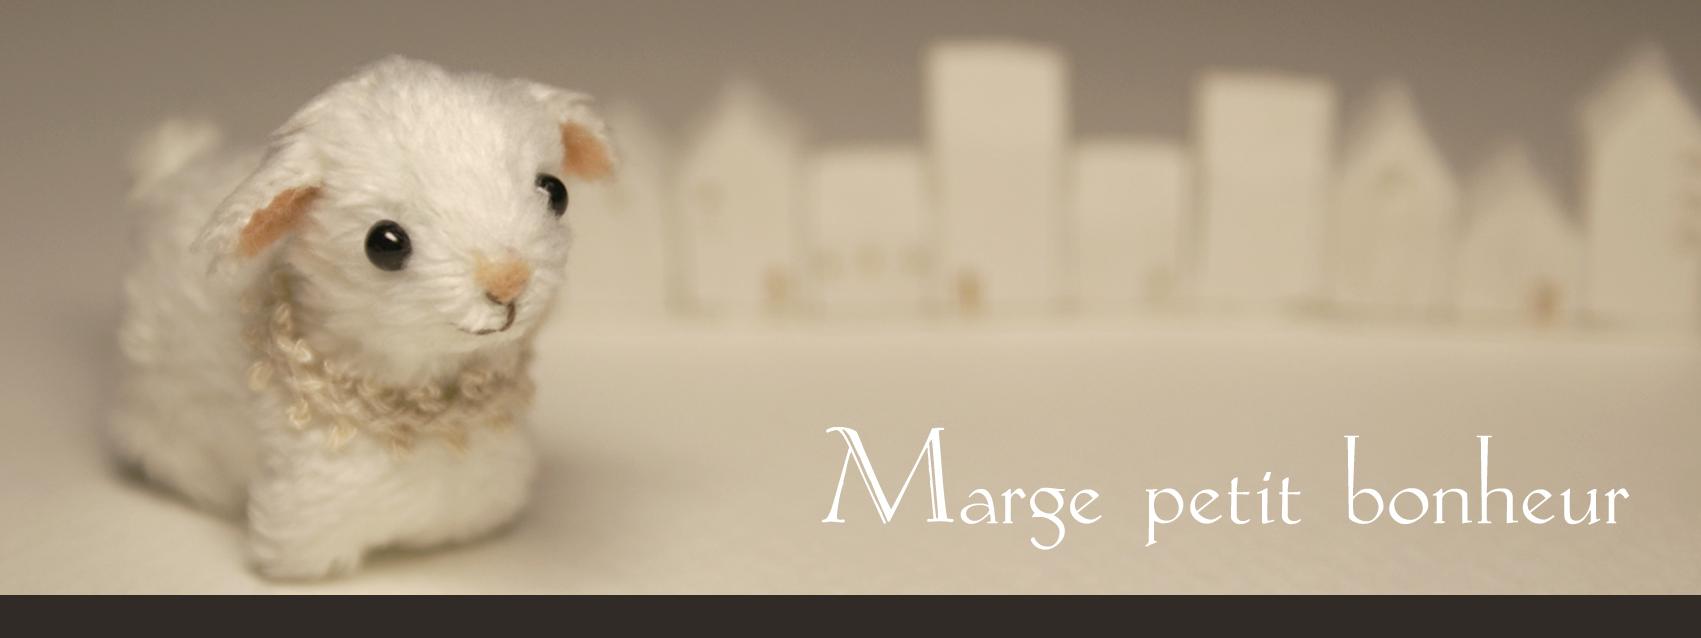 ちいさなやぎと雑貨のお店 Marge マルジュ